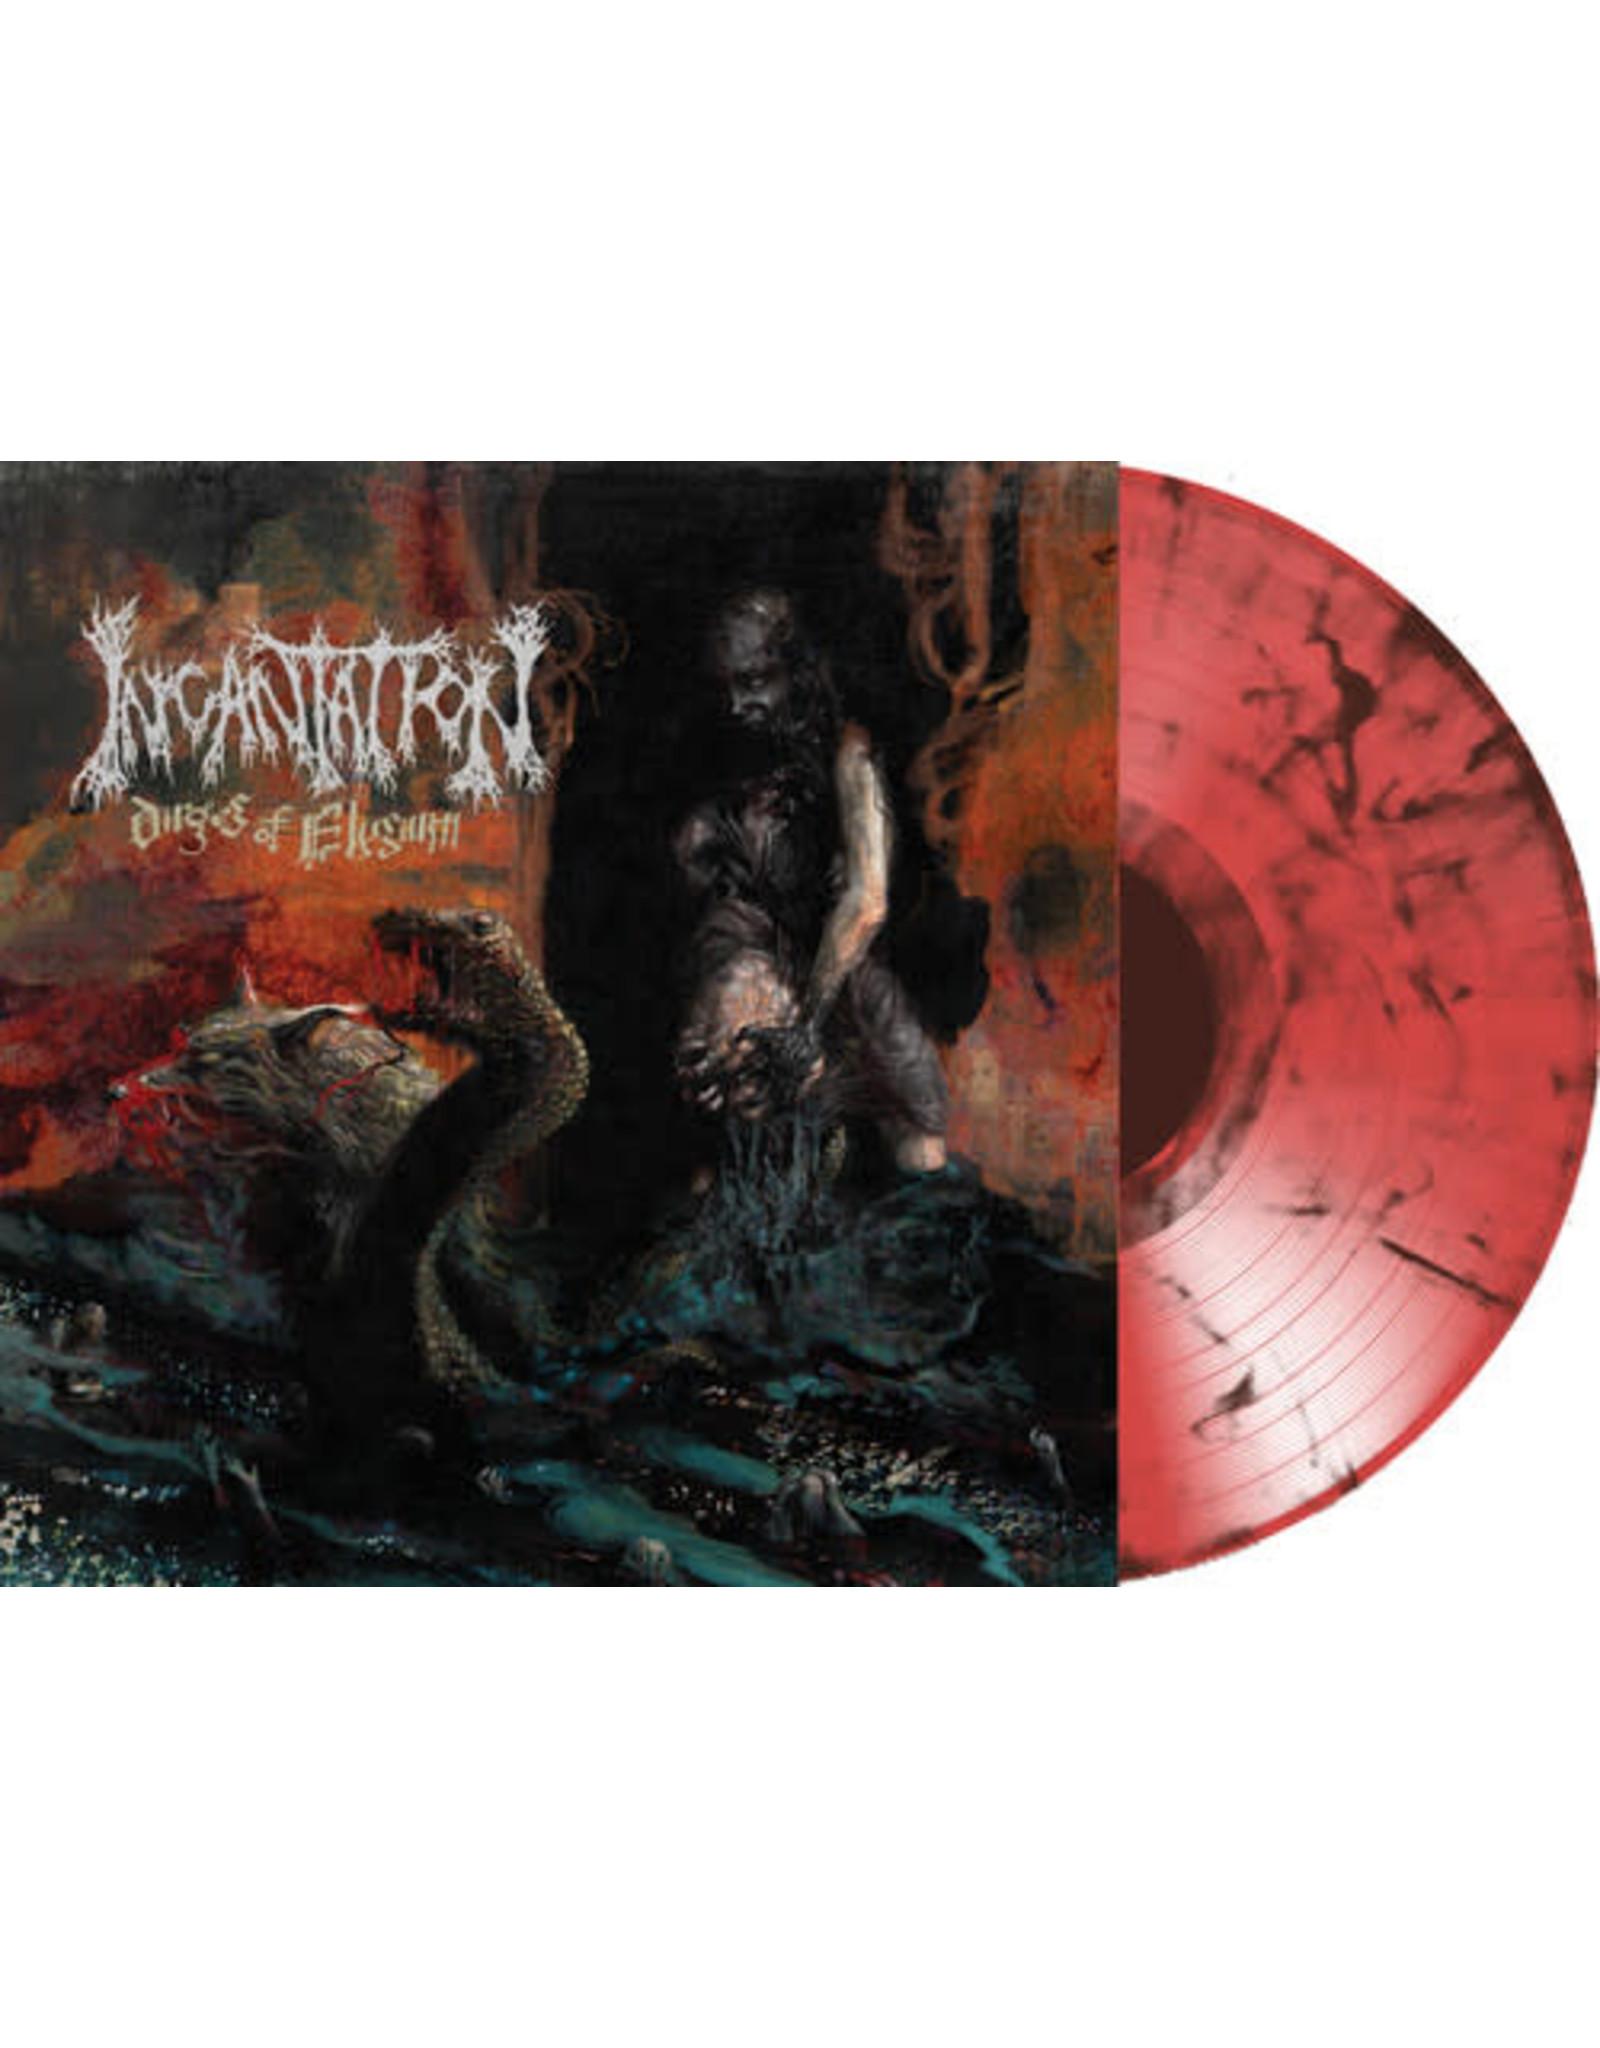 New Vinyl Incantation - Dirges Of Elyzium (Colored) LP